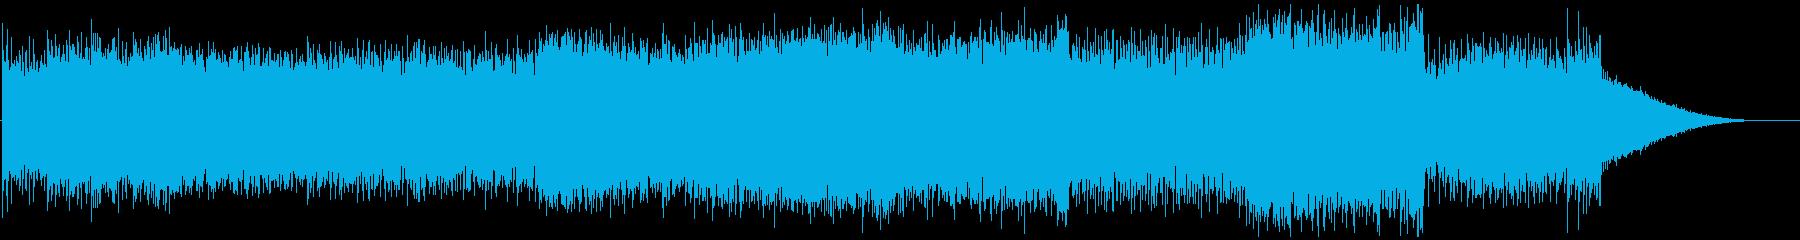 パッフェルベルのカノンDANCEアレンジの再生済みの波形